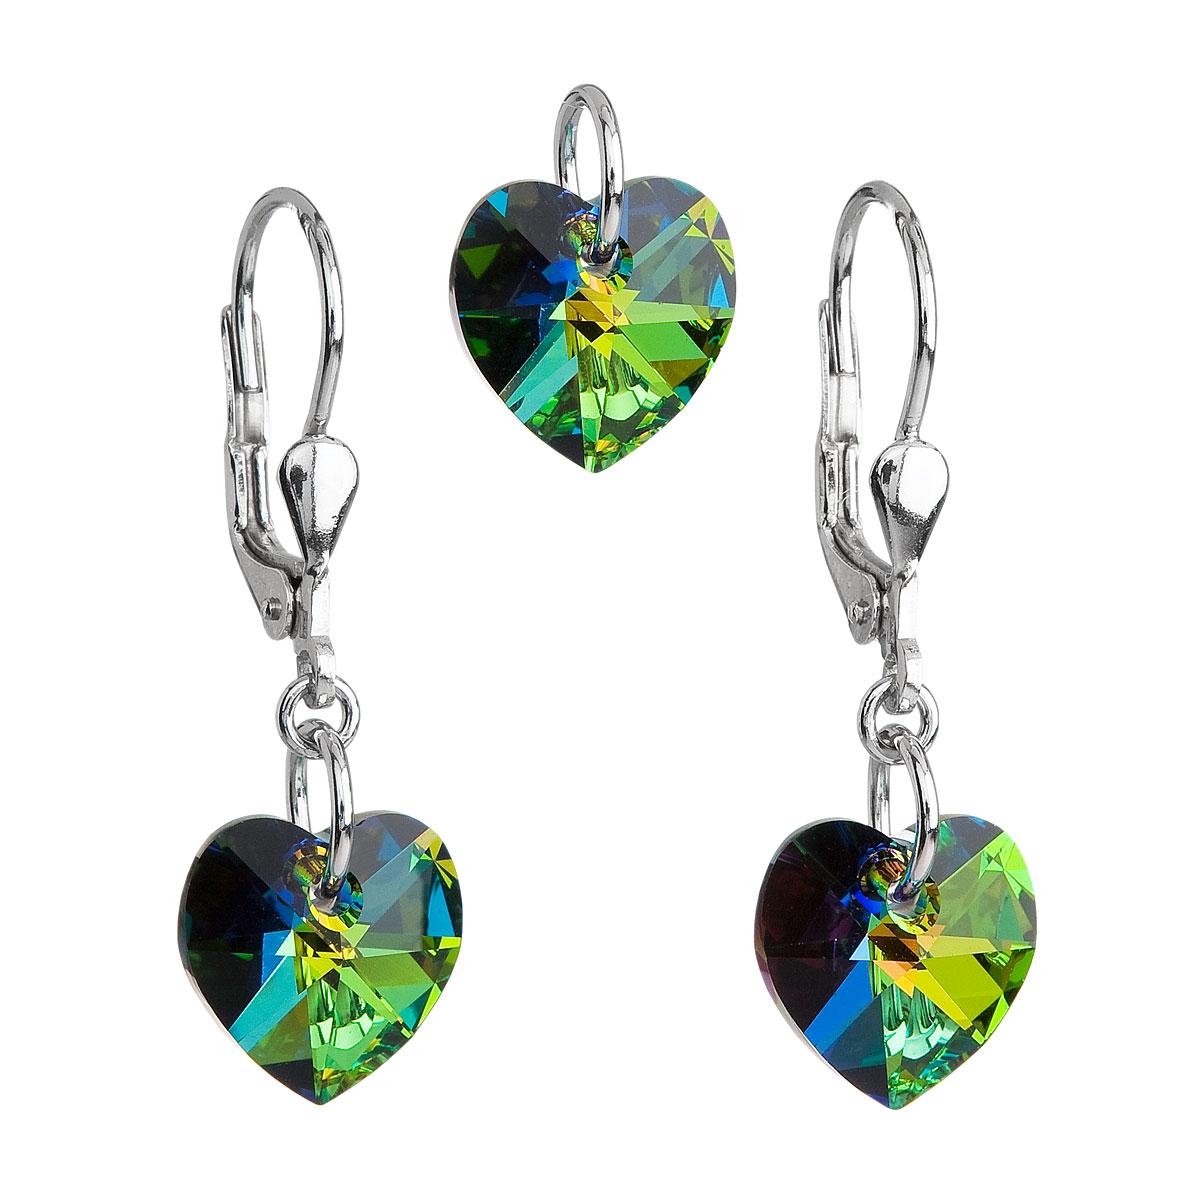 Sada šperků s krystaly Swarovski náušnice a přívěsek zelená srdce 39003.5